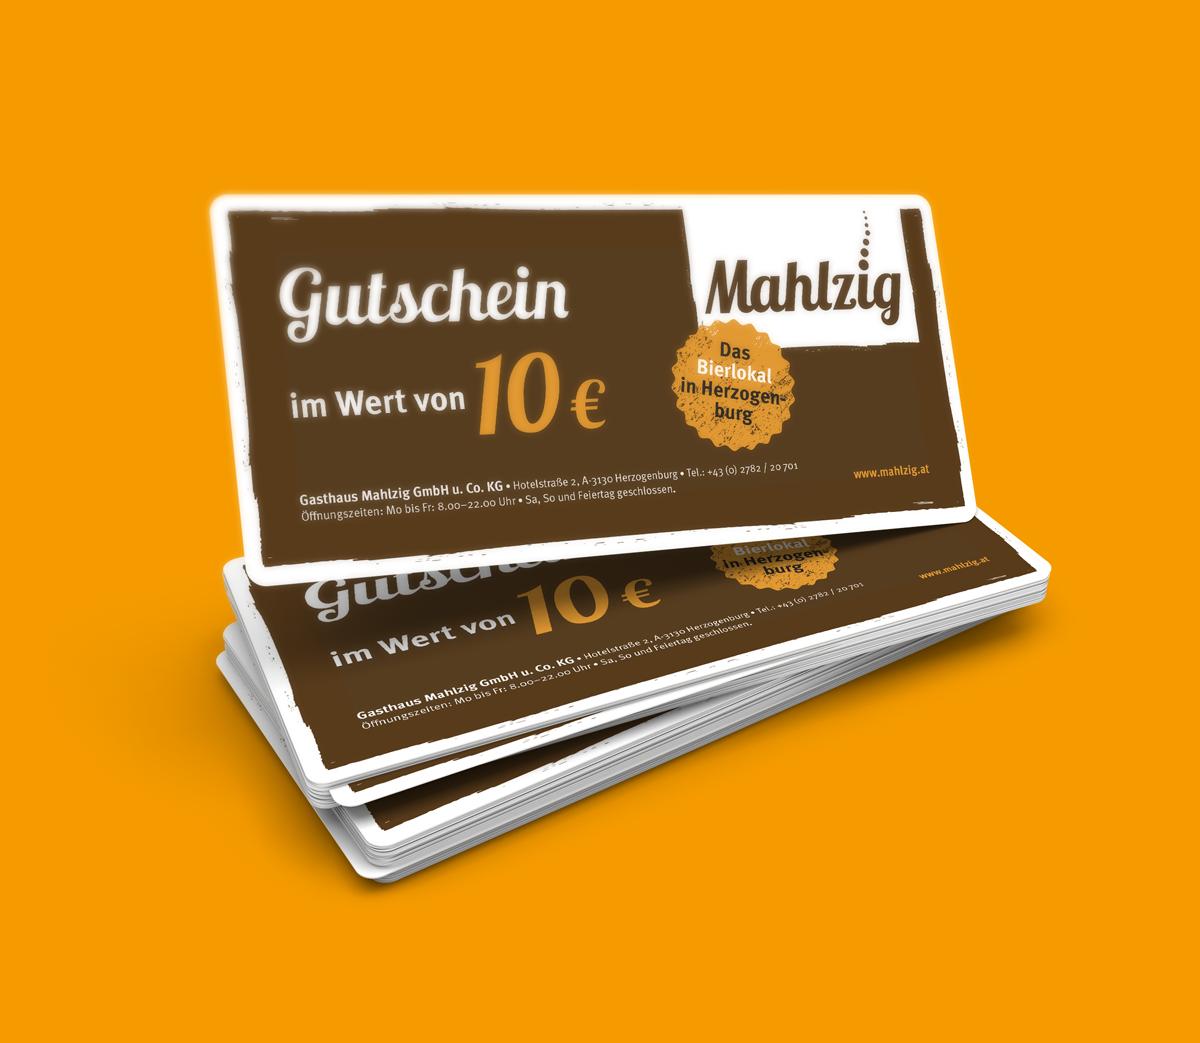 gasthaus_mahlzig_gutscheine.png